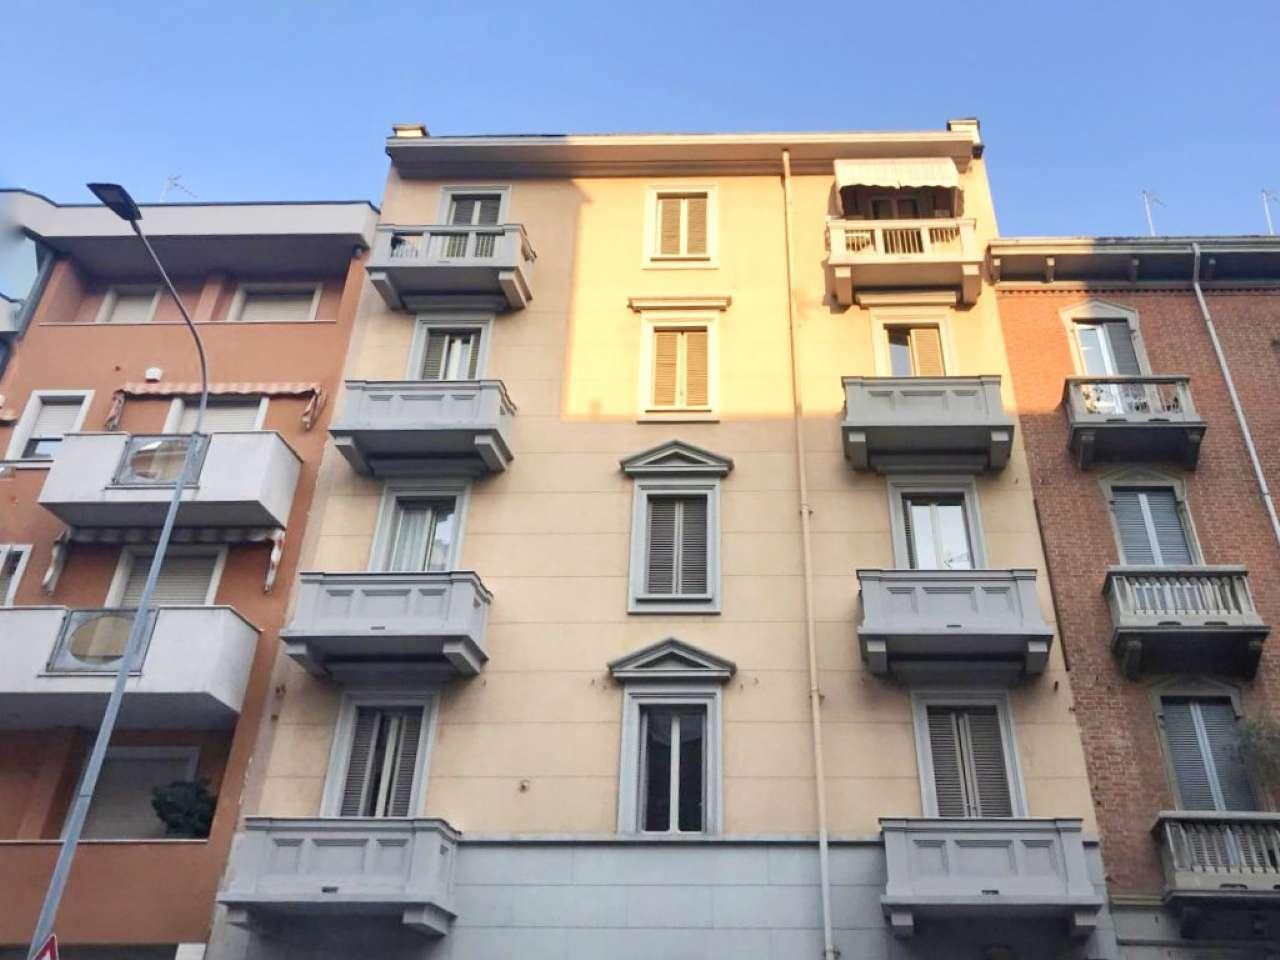 Foto 1 di Trilocale via Renato Martorelli  40, Torino (zona Barriera Milano, Falchera, Barca-Bertolla)